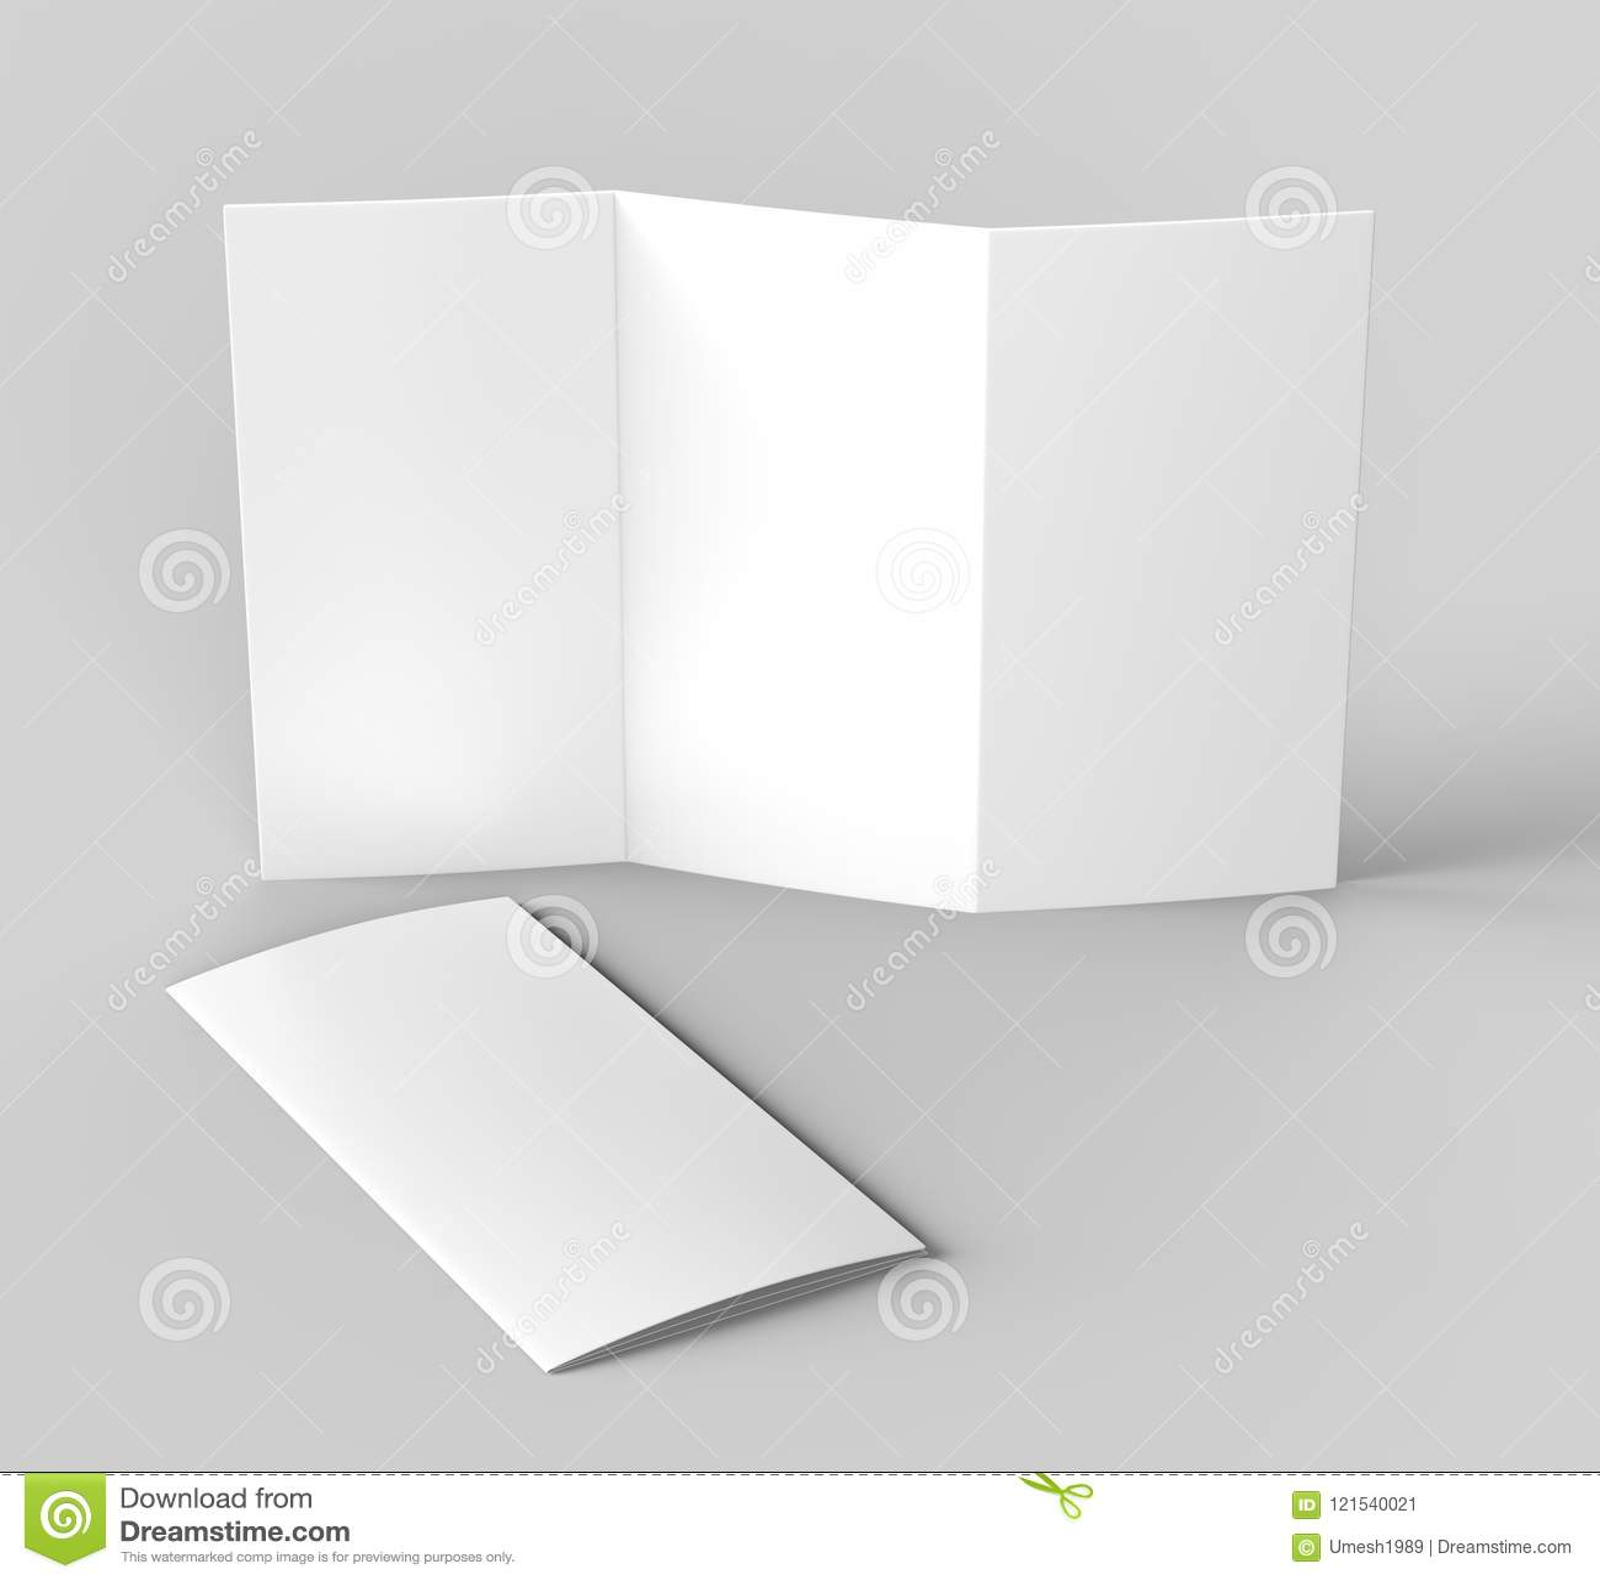 Blank White Z Fold Brochure For Mock Up Template Design  3d